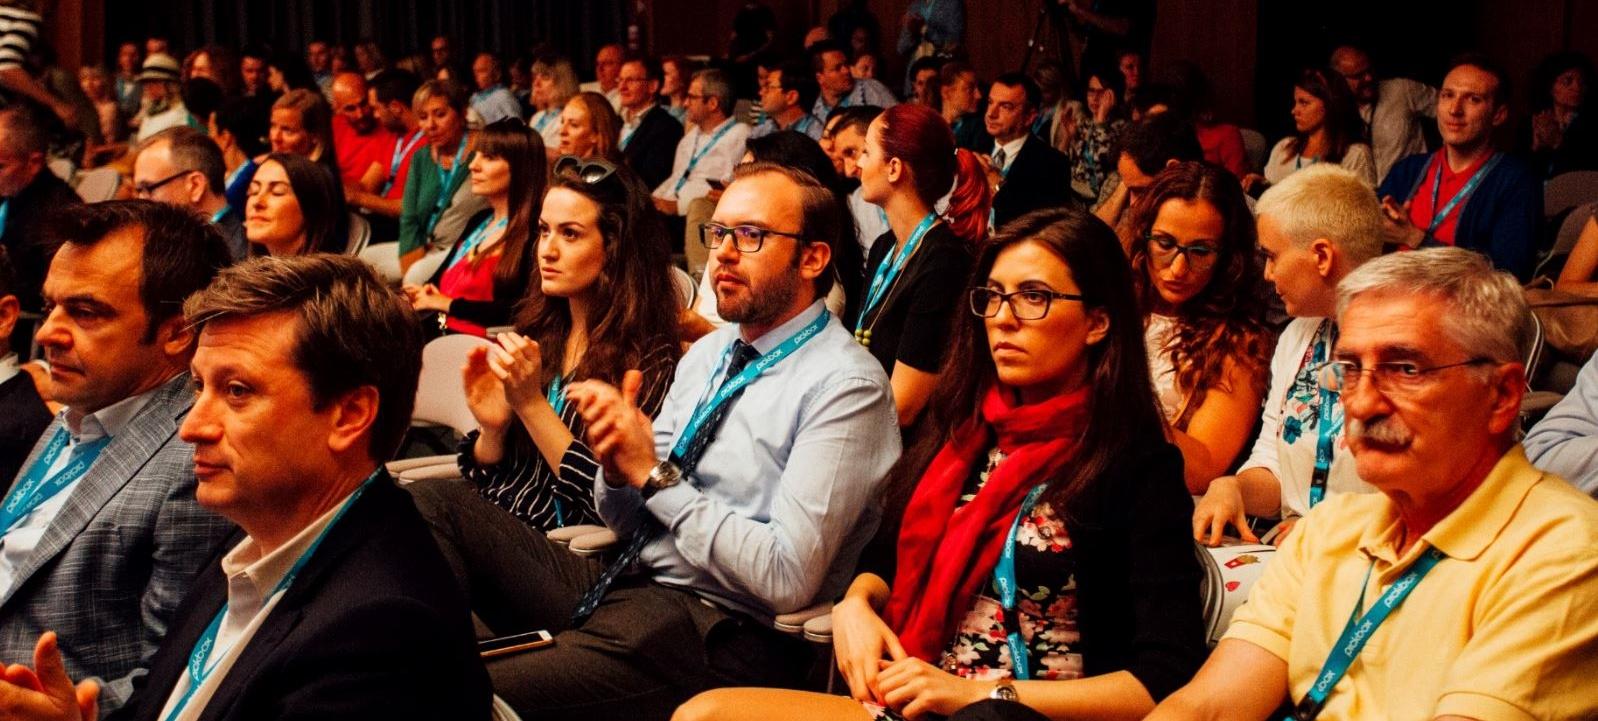 NEW EUROPE MARKET Uskoro počinje zanimljiva konferencija posvećena TV industriji